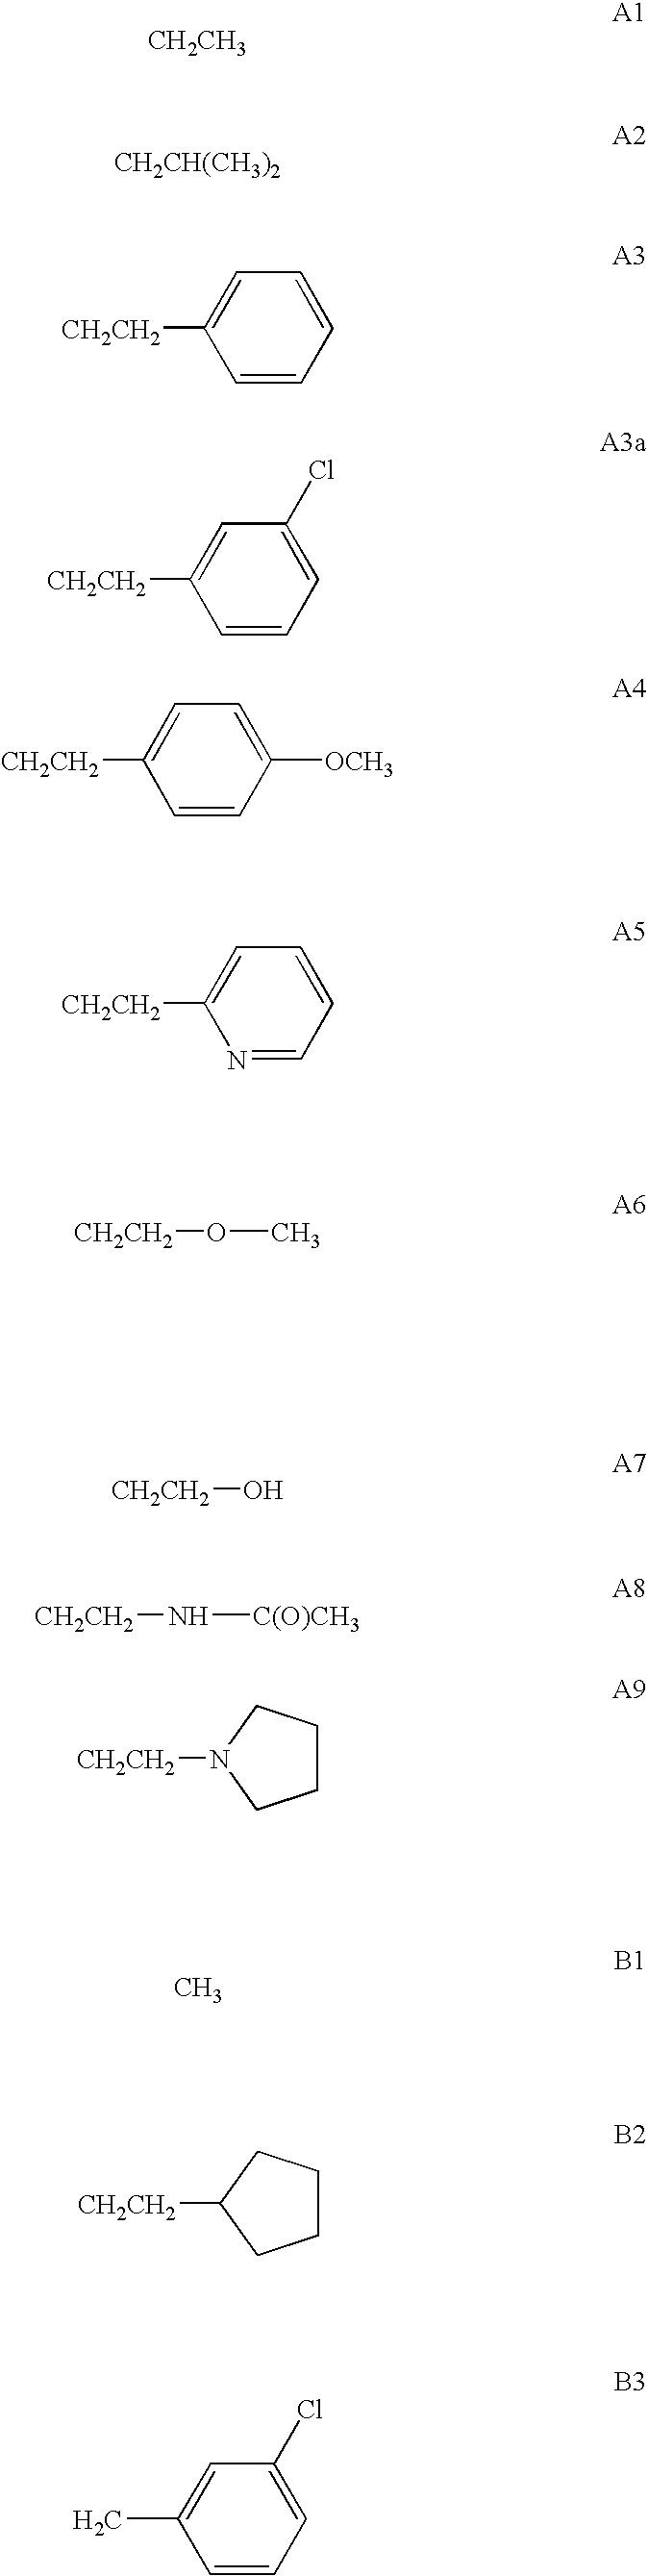 Figure US20050037381A1-20050217-C00004